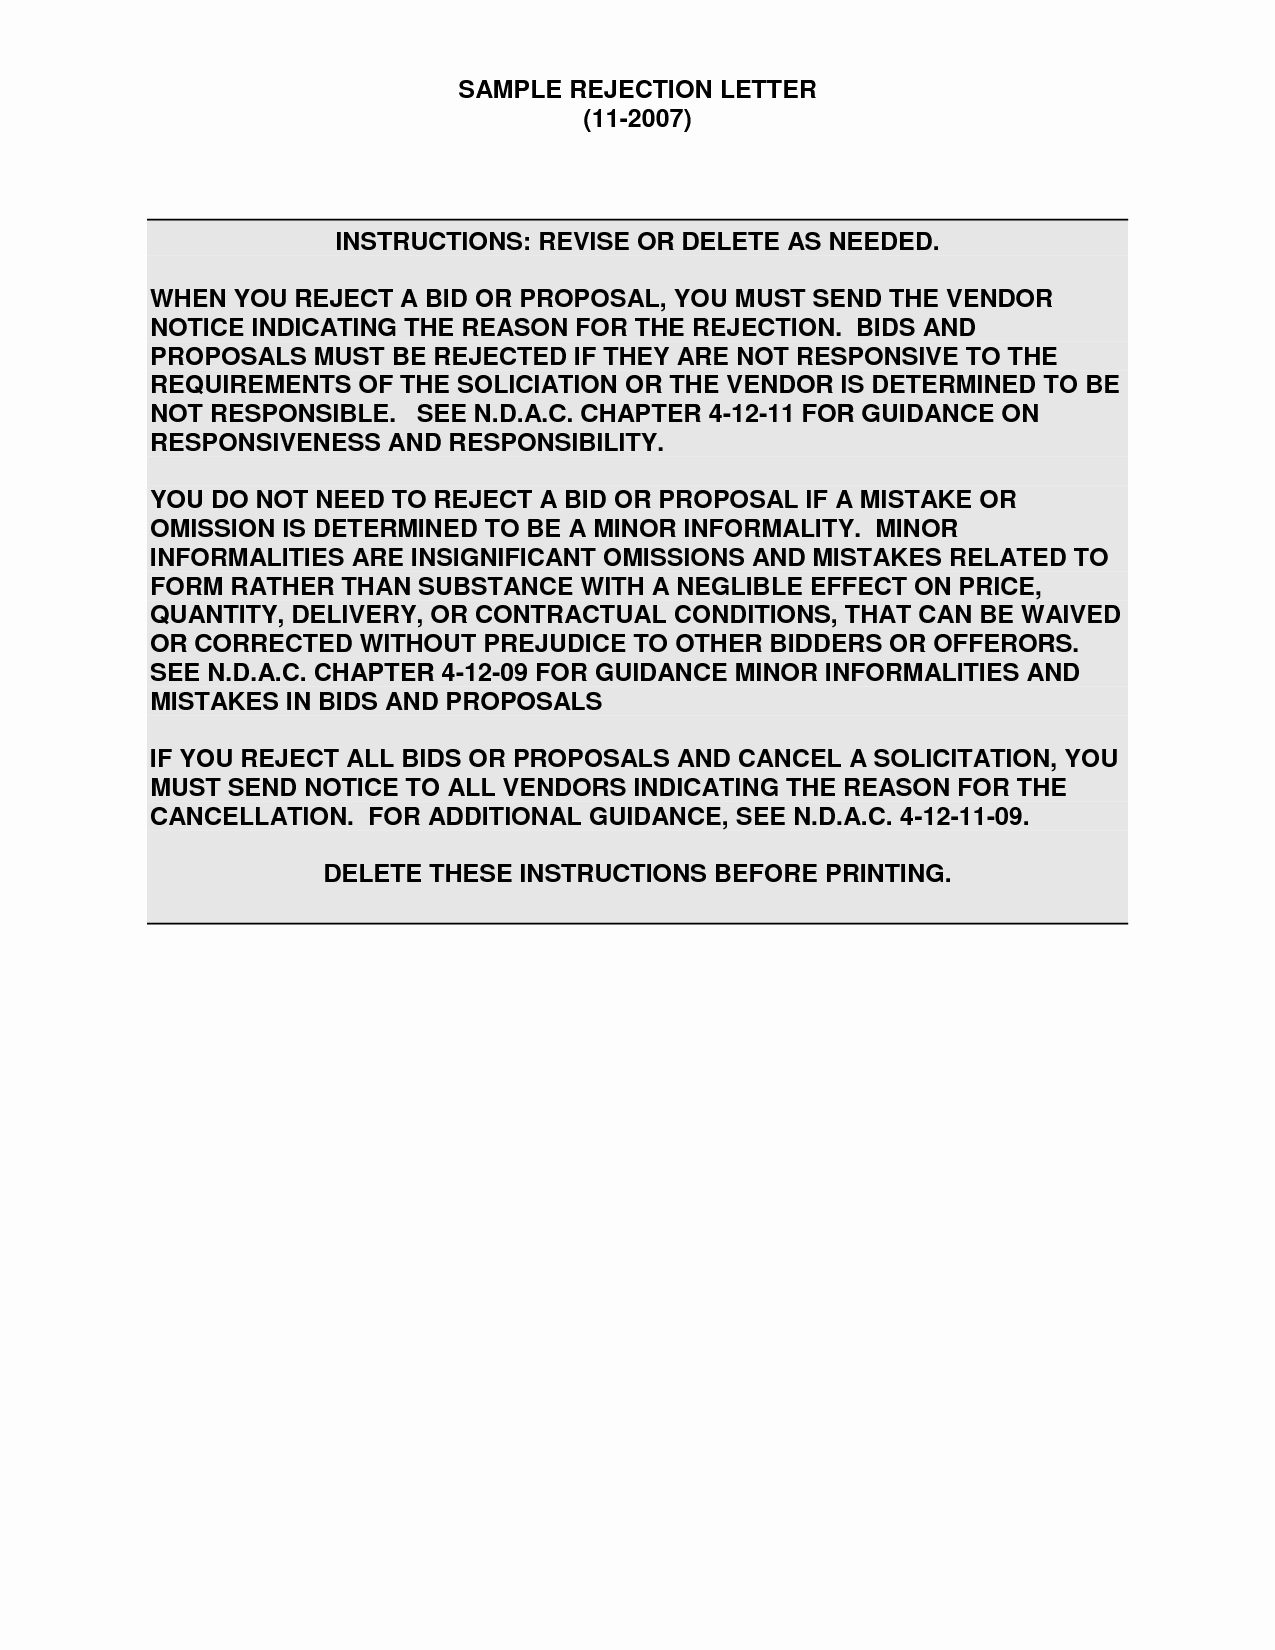 Request for Proposal Rejection Letter Unique Best S Of Vendor Proposal Rejection Letter Rfp